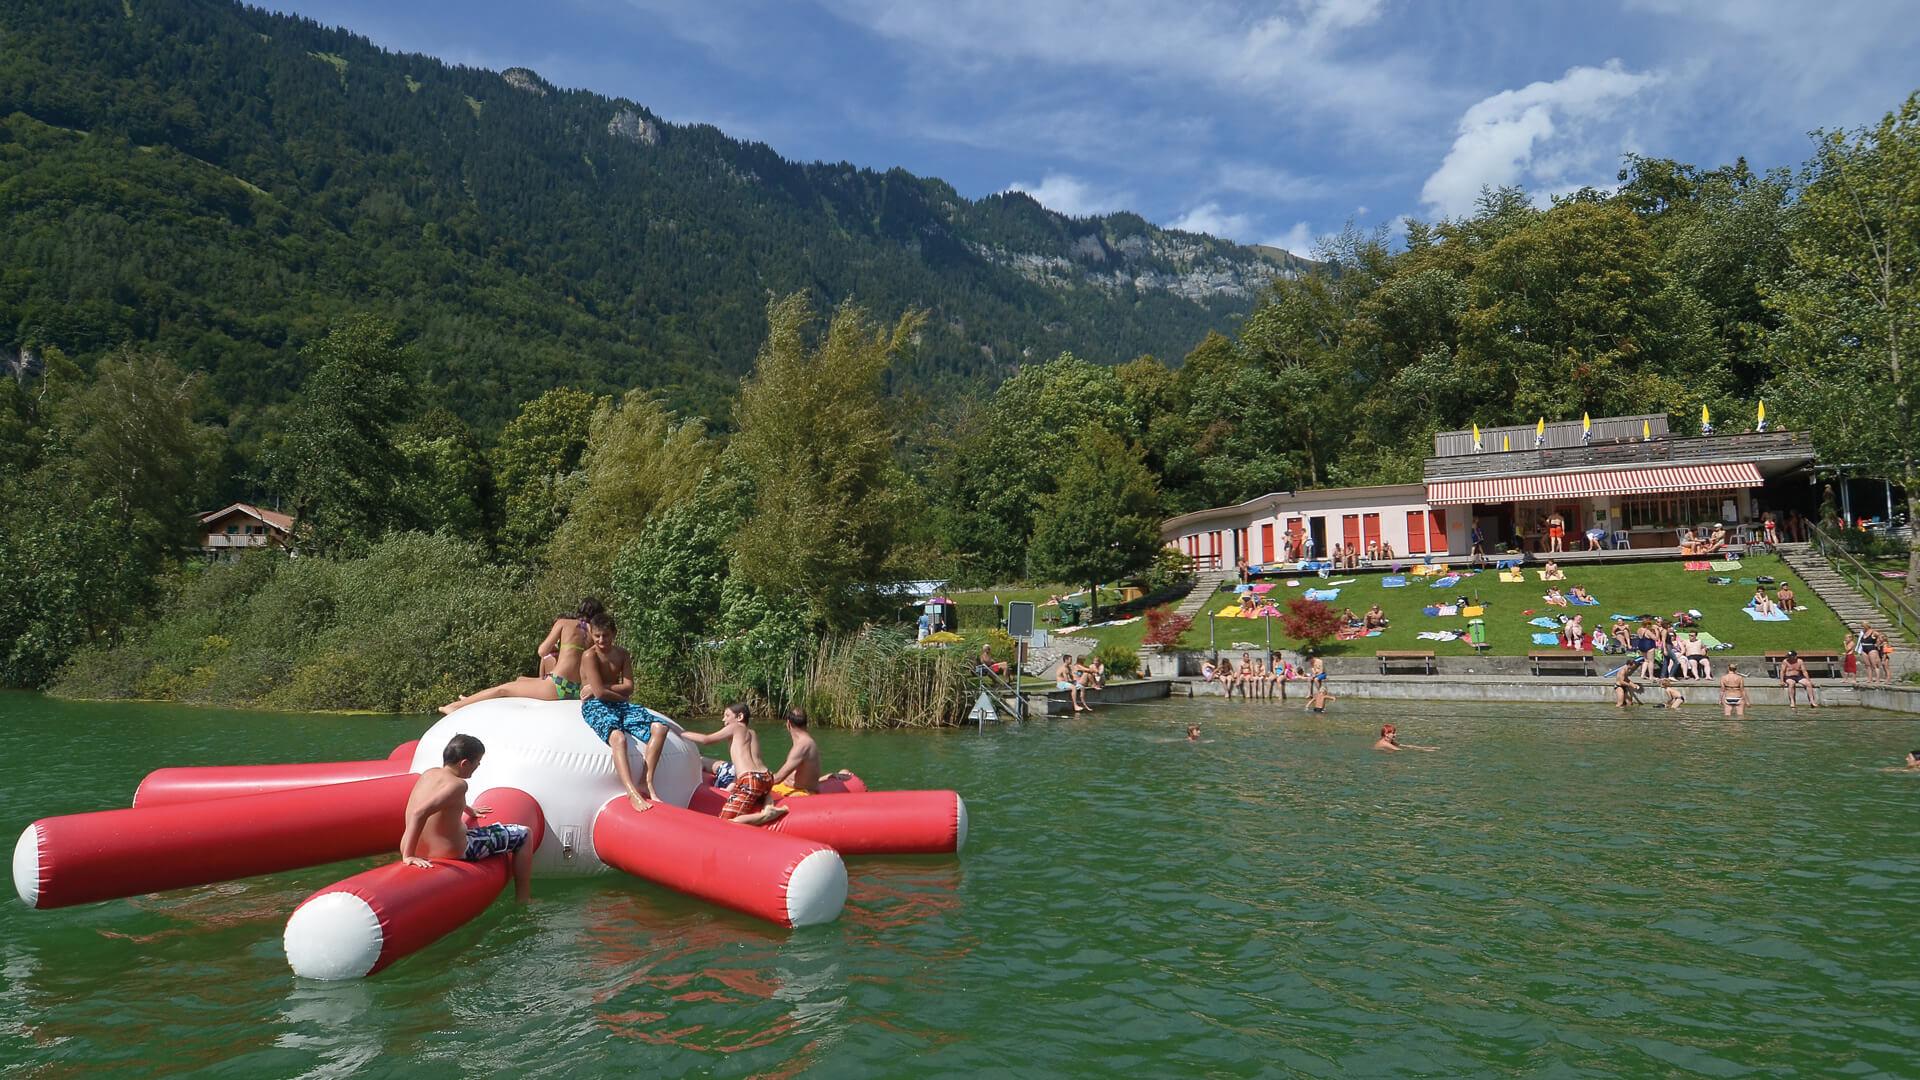 ringgenberg-naturstrandbad-burgseeli-sommer-spass-spielgeraet